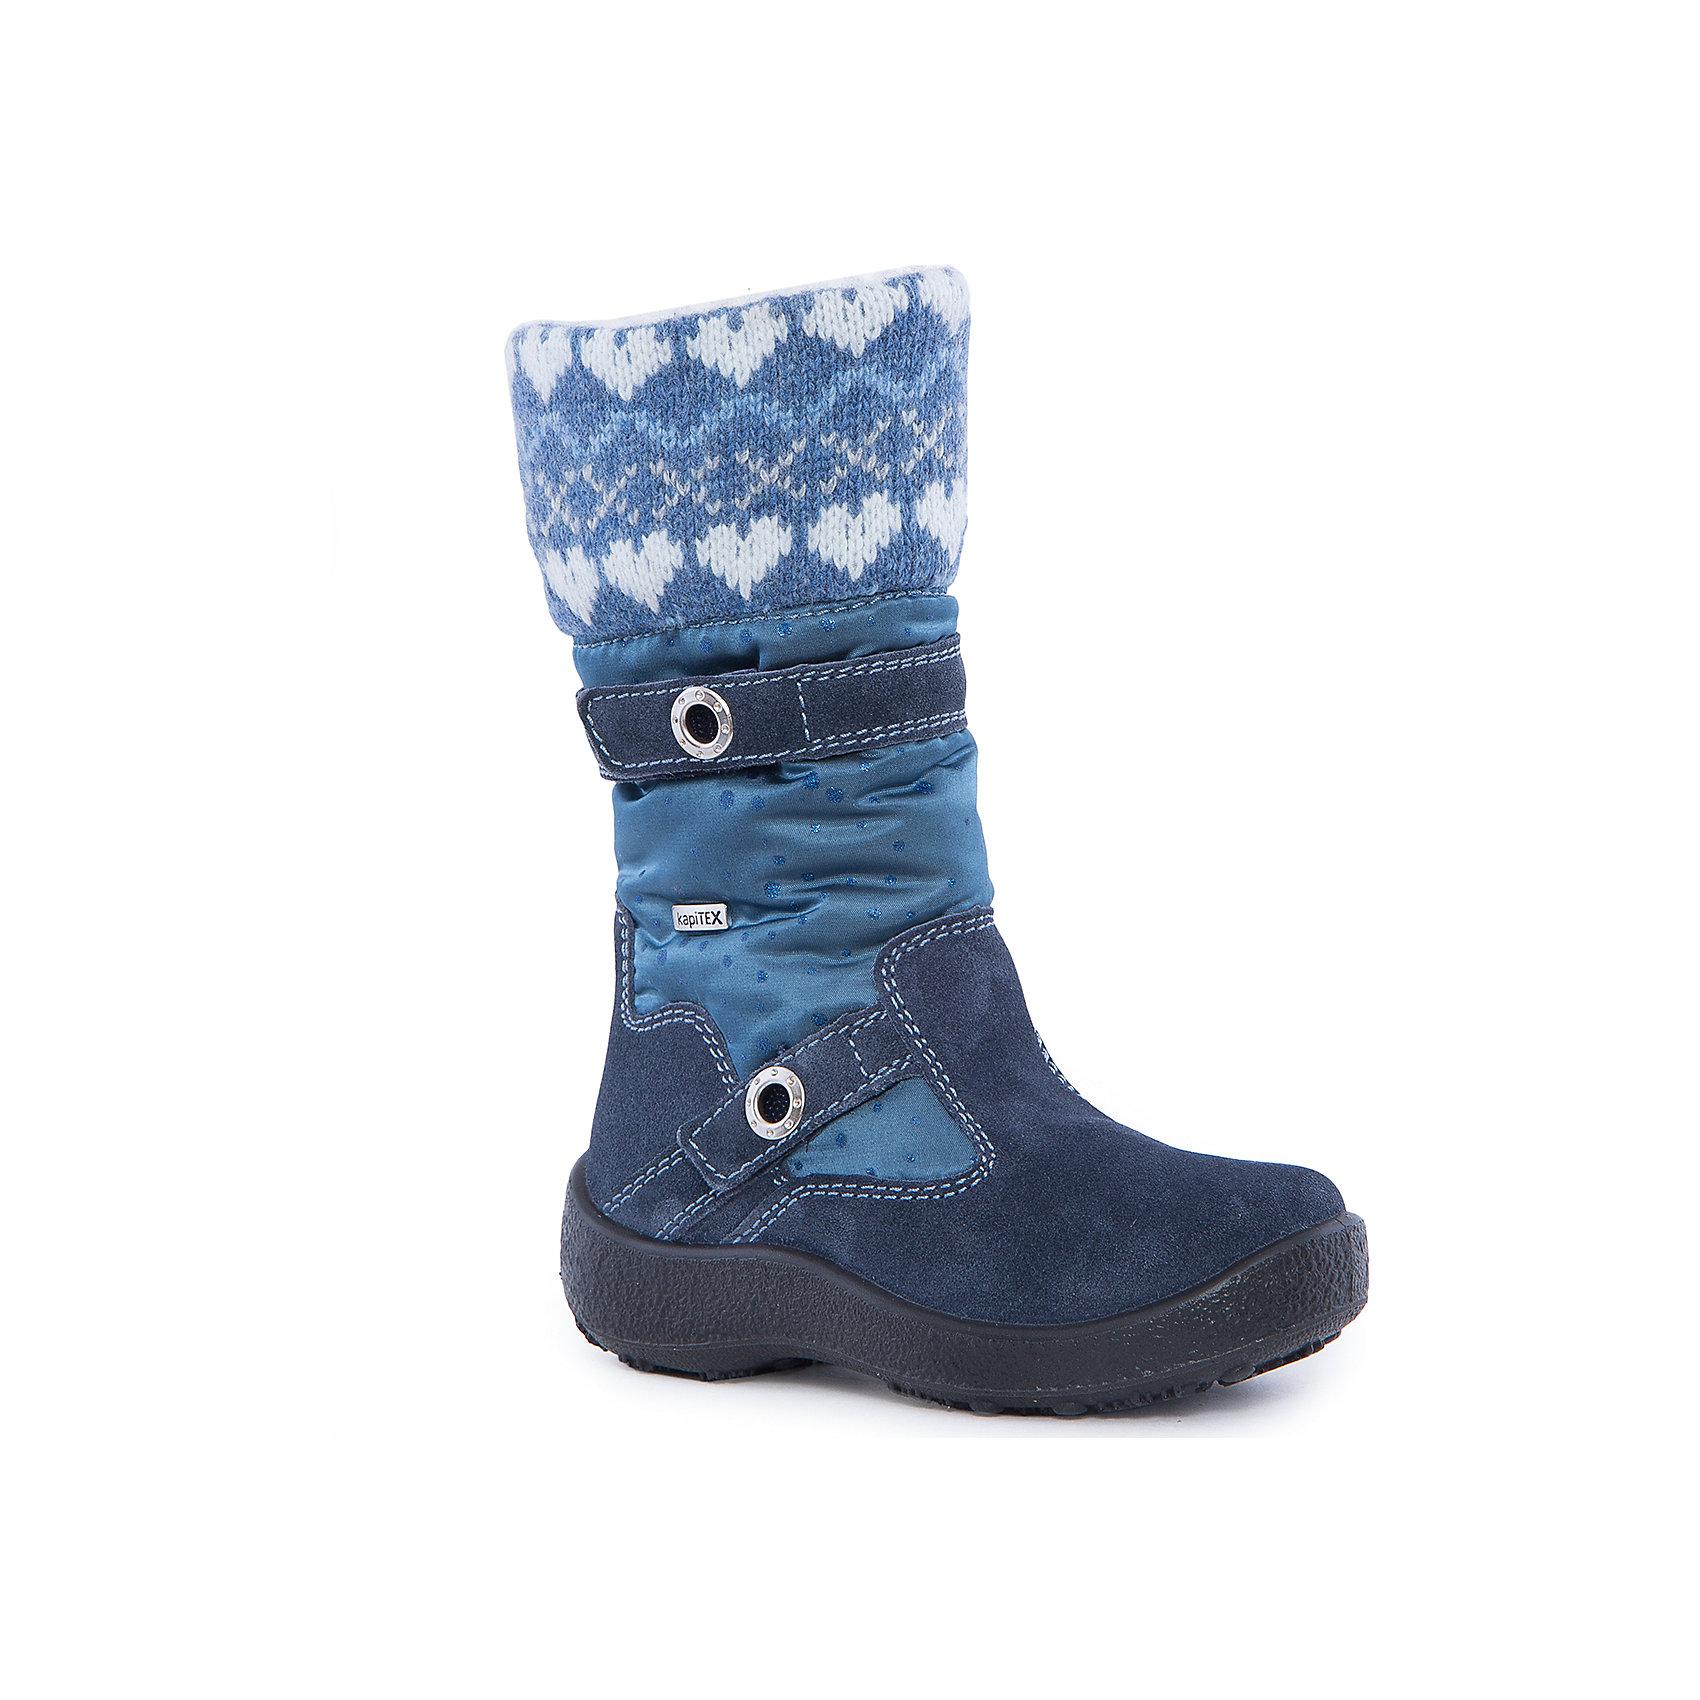 Сапоги для девочки KAPIKAСапоги<br>Сапоги для девочки KAPIKA.<br><br>Температурный режим: до -20 градусов. Степень утепления – средняя. <br><br>* Температурный режим указан приблизительно — необходимо, прежде всего, ориентироваться на ощущения ребенка. <br><br>Стильная обувь с защитой от холода.<br>Модные и красивые удлиненные сапоги можно носить в холодную погоду. Подходят для осени, весны и ранней зимы. Не пропускают влагу, защищают ногу от попадания воды внутрь через верх. Хорошая устойчивая пятка. Сверху дополнительный шерстяной верх для согрева ноги.<br><br>Дополнительная информация:<br><br>- цвет: синий<br>- материал: верх - текстиль; подкладка - текстиль (шерсть 30%); подошва - полимерный материал<br><br>Сапоги для девочки KAPIKA можно купить в нашем интернет магазине.<br><br>Ширина мм: 257<br>Глубина мм: 180<br>Высота мм: 130<br>Вес г: 420<br>Цвет: синий<br>Возраст от месяцев: 36<br>Возраст до месяцев: 48<br>Пол: Женский<br>Возраст: Детский<br>Размер: 27,34,28,29,30,31,32,33<br>SKU: 4987938